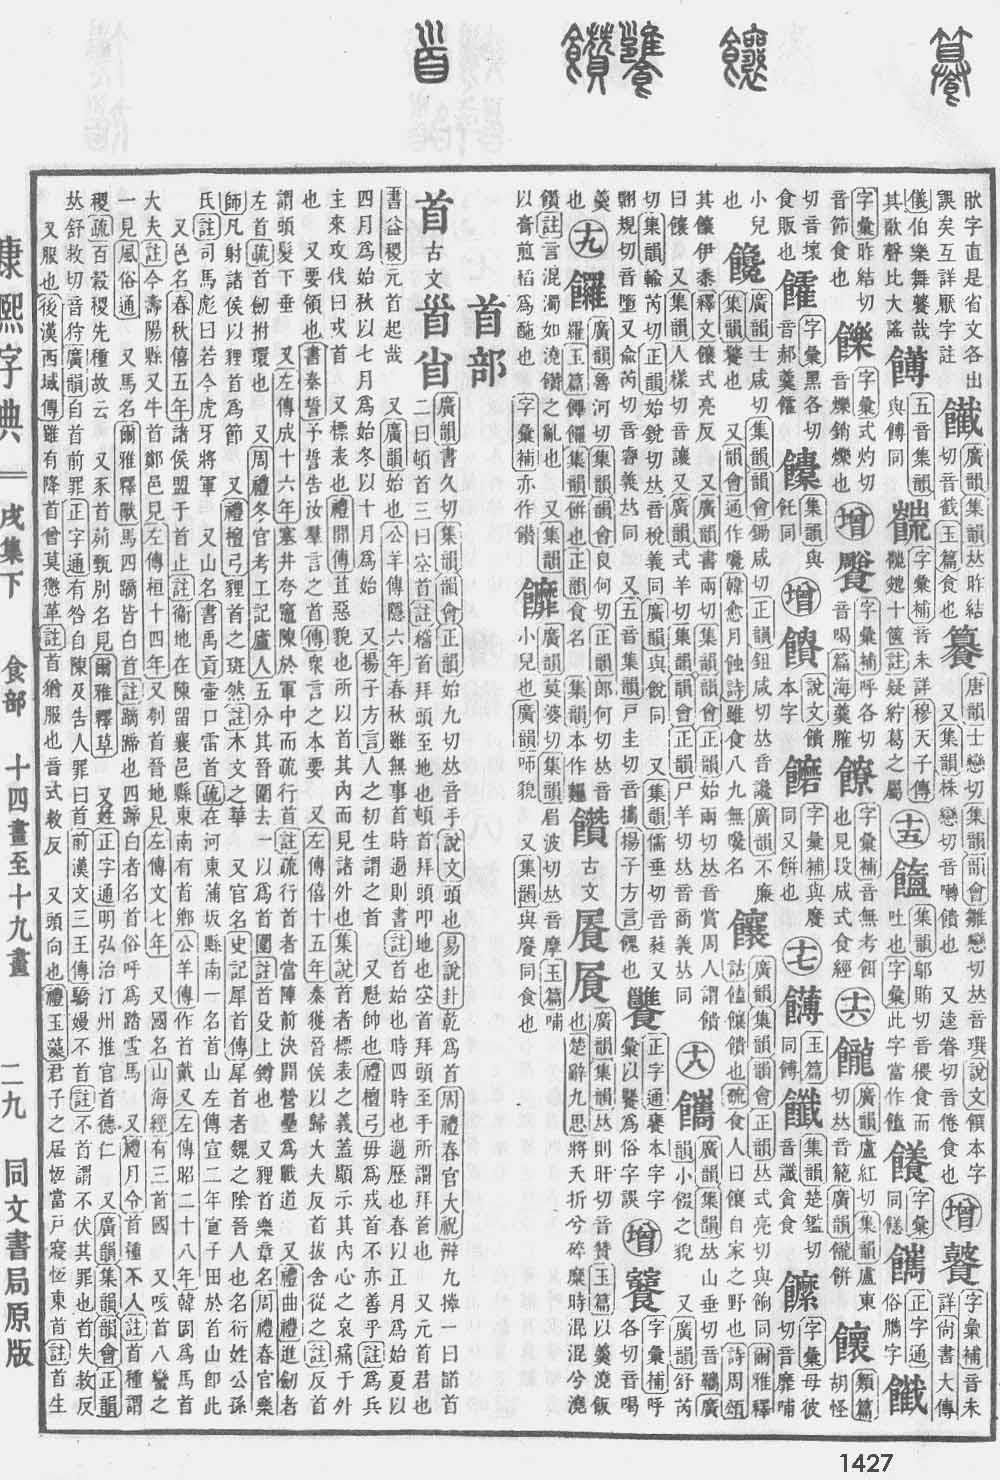 《康熙字典》第1427页